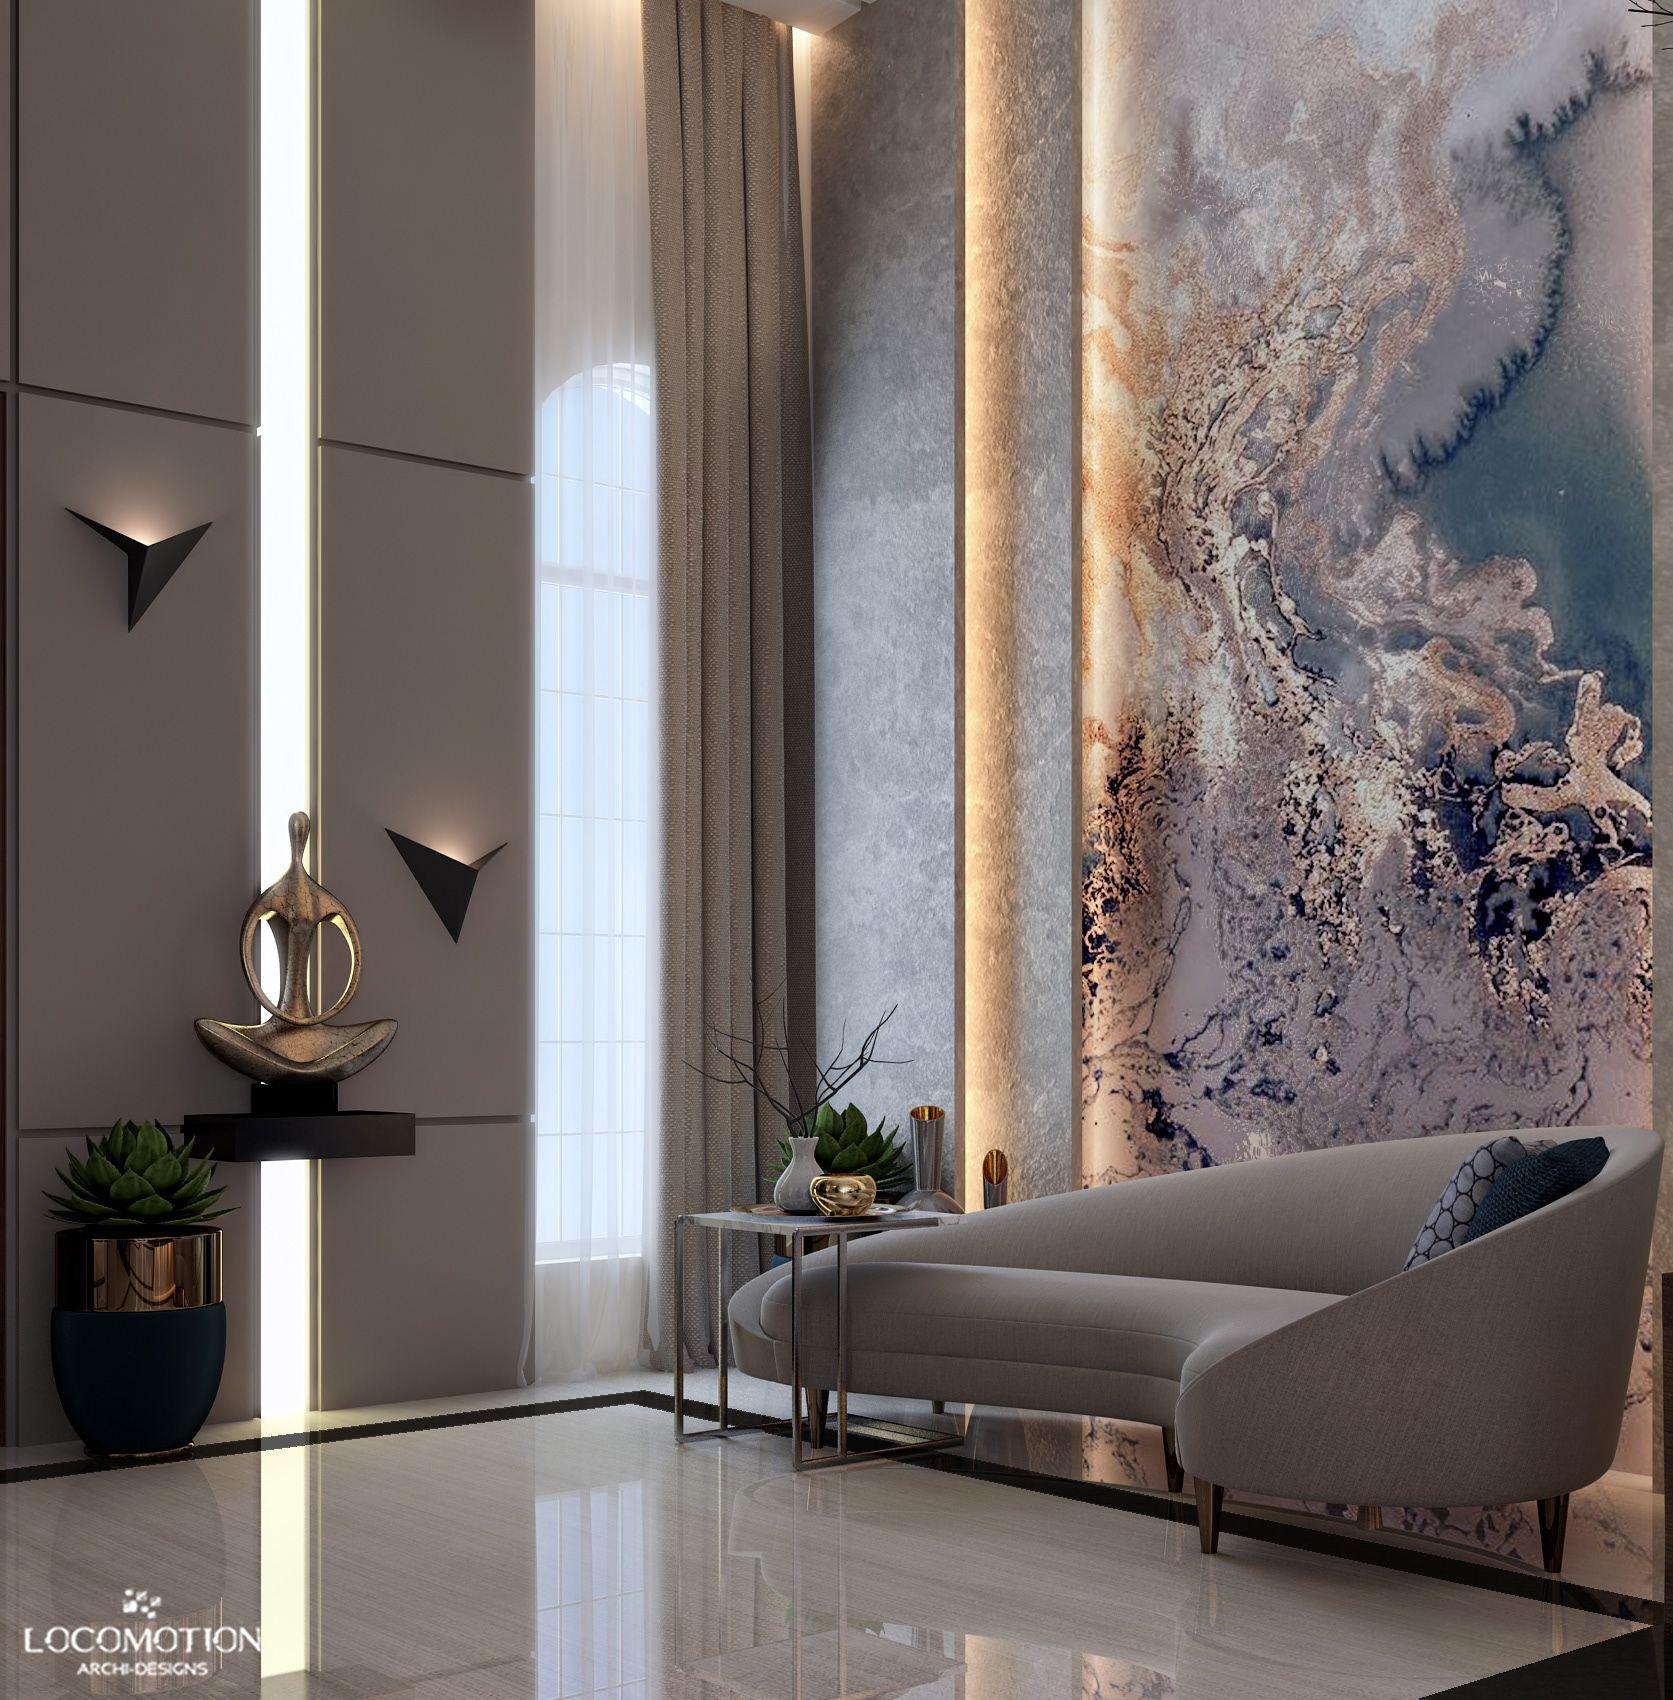 Home Decor 2012 Luxury Homes Interior Decoration Living: Living Room Decor Inspiration